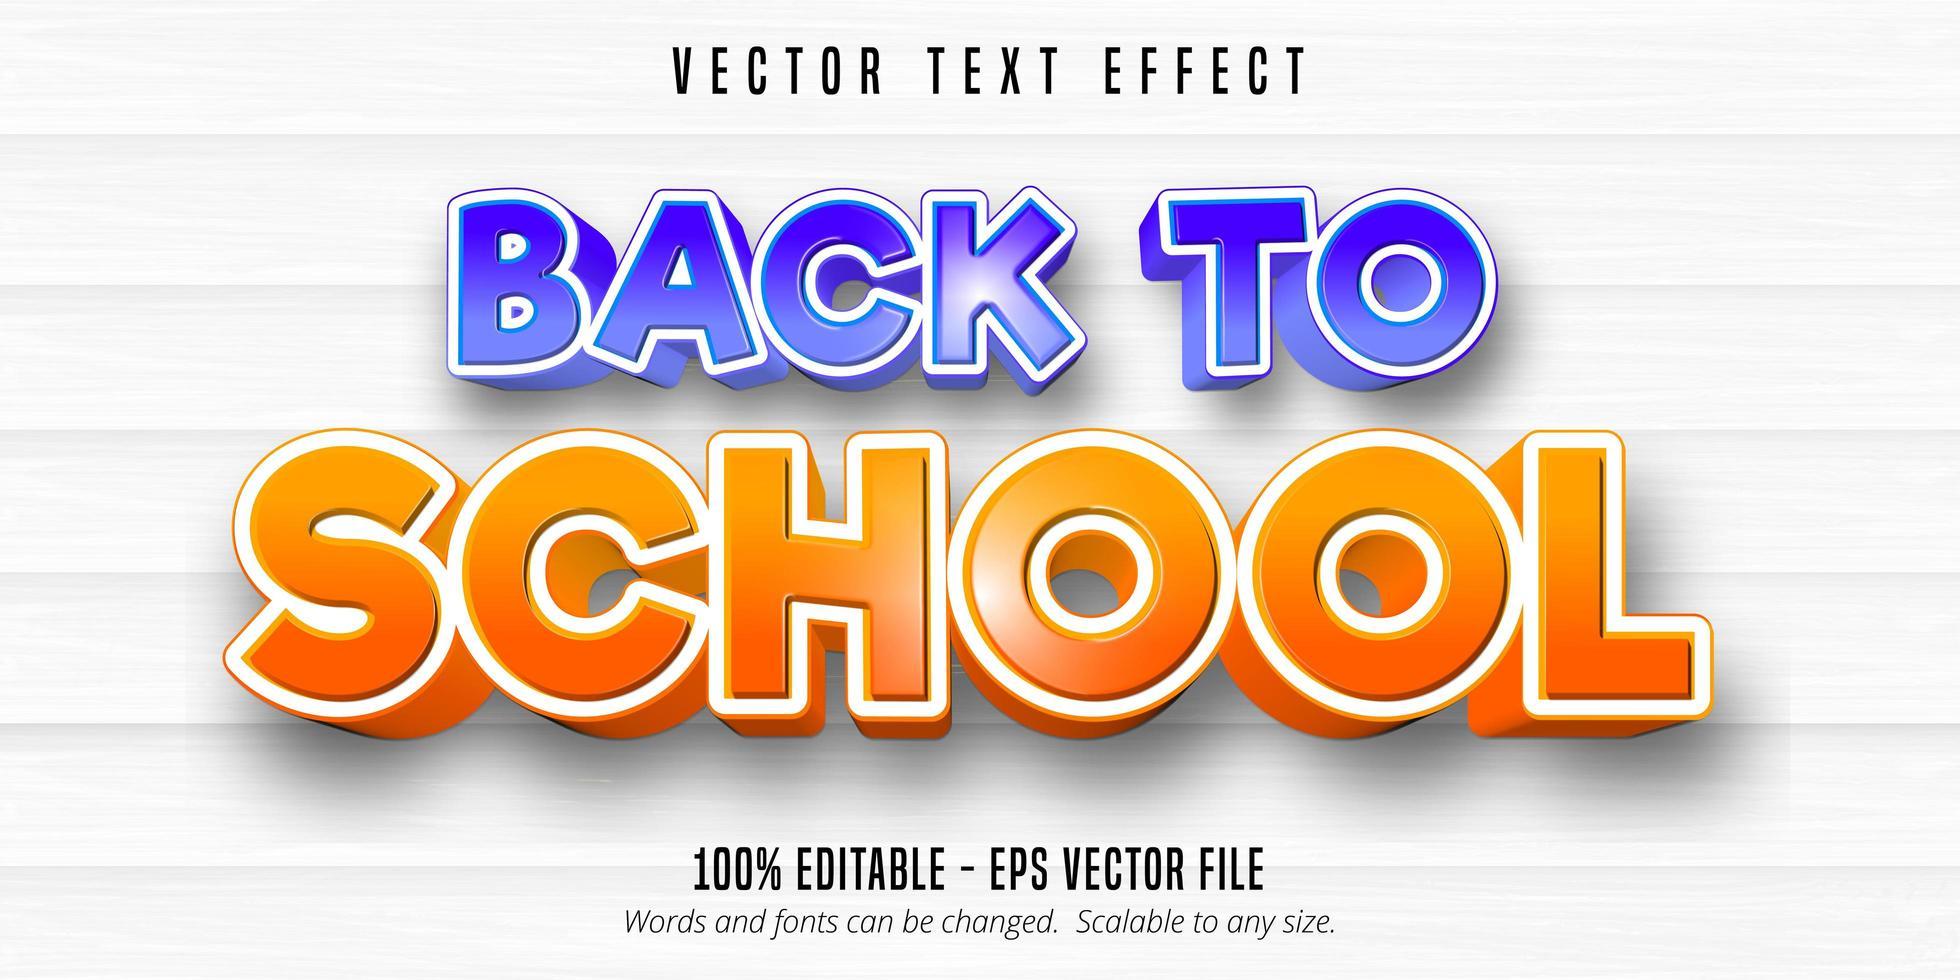 efeito de texto editável de estilo cômico de volta às aulas vetor